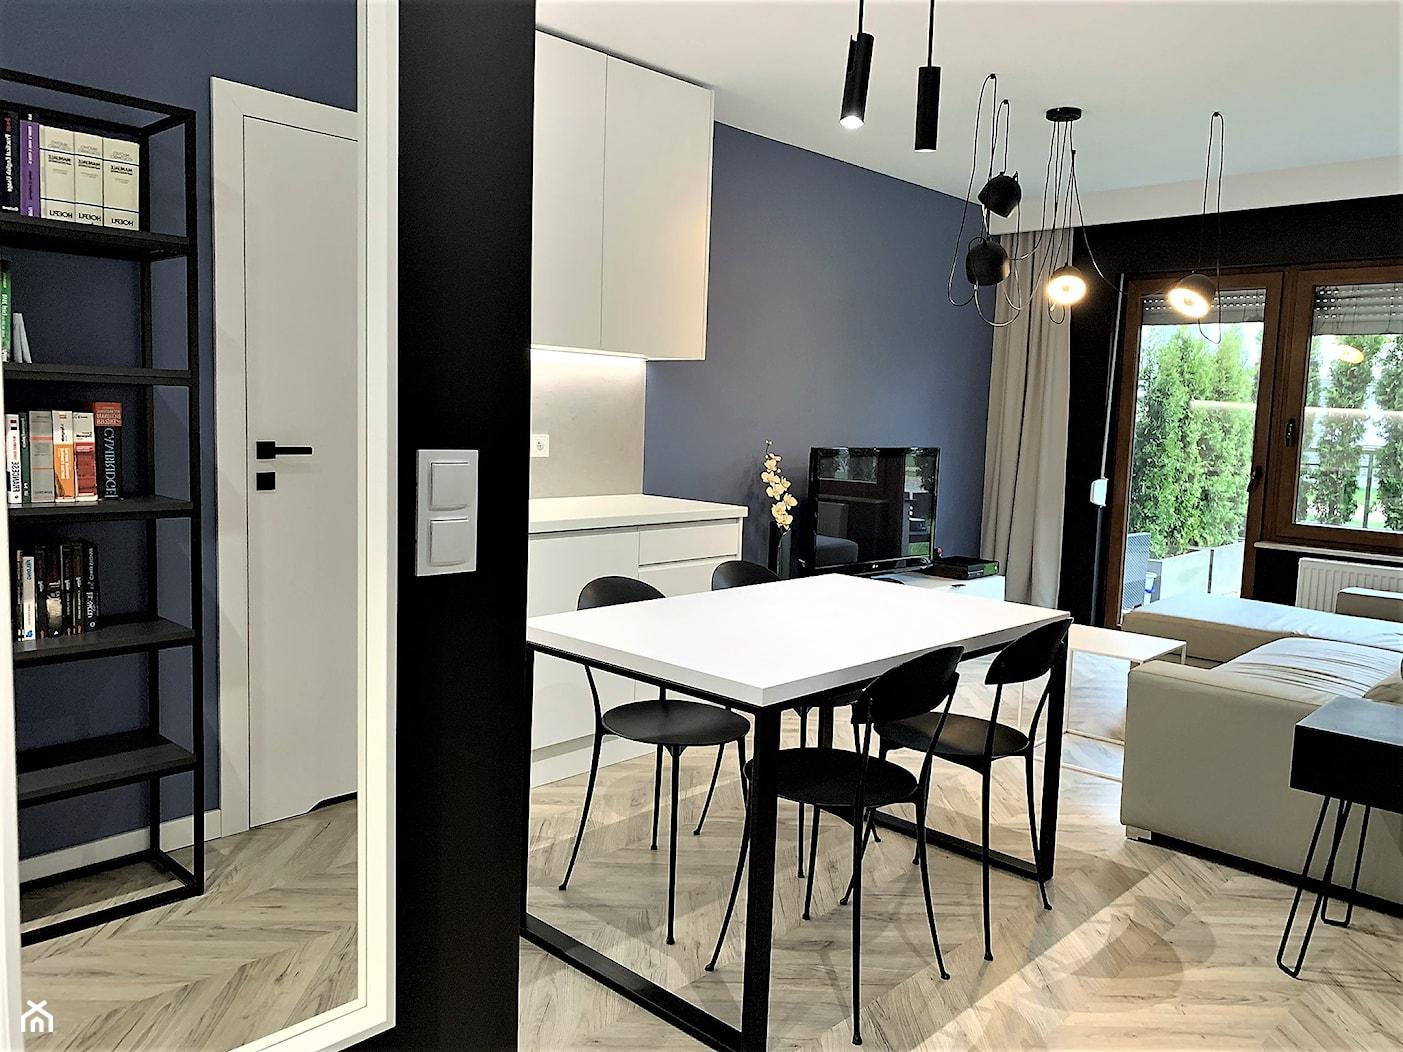 Domowe designerskie laboratorium. Realizacja projektu na wrocławskim Gaju - Mały niebieski czarny salon z kuchnią z jadalnią, styl nowoczesny - zdjęcie od DekoDeko - Homebook